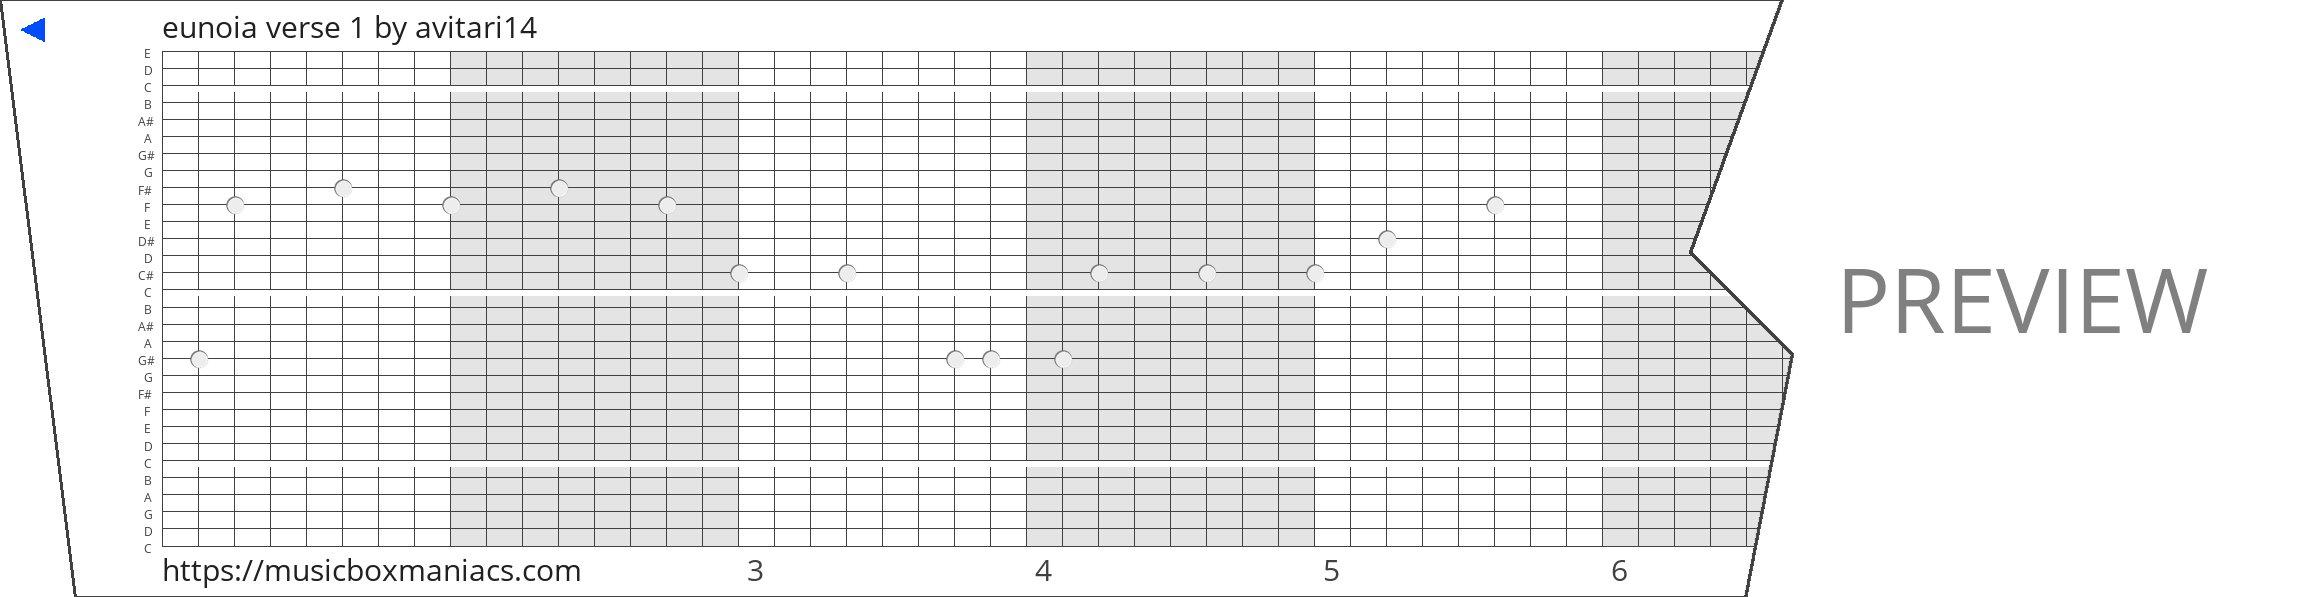 eunoia verse 1 30 note music box paper strip